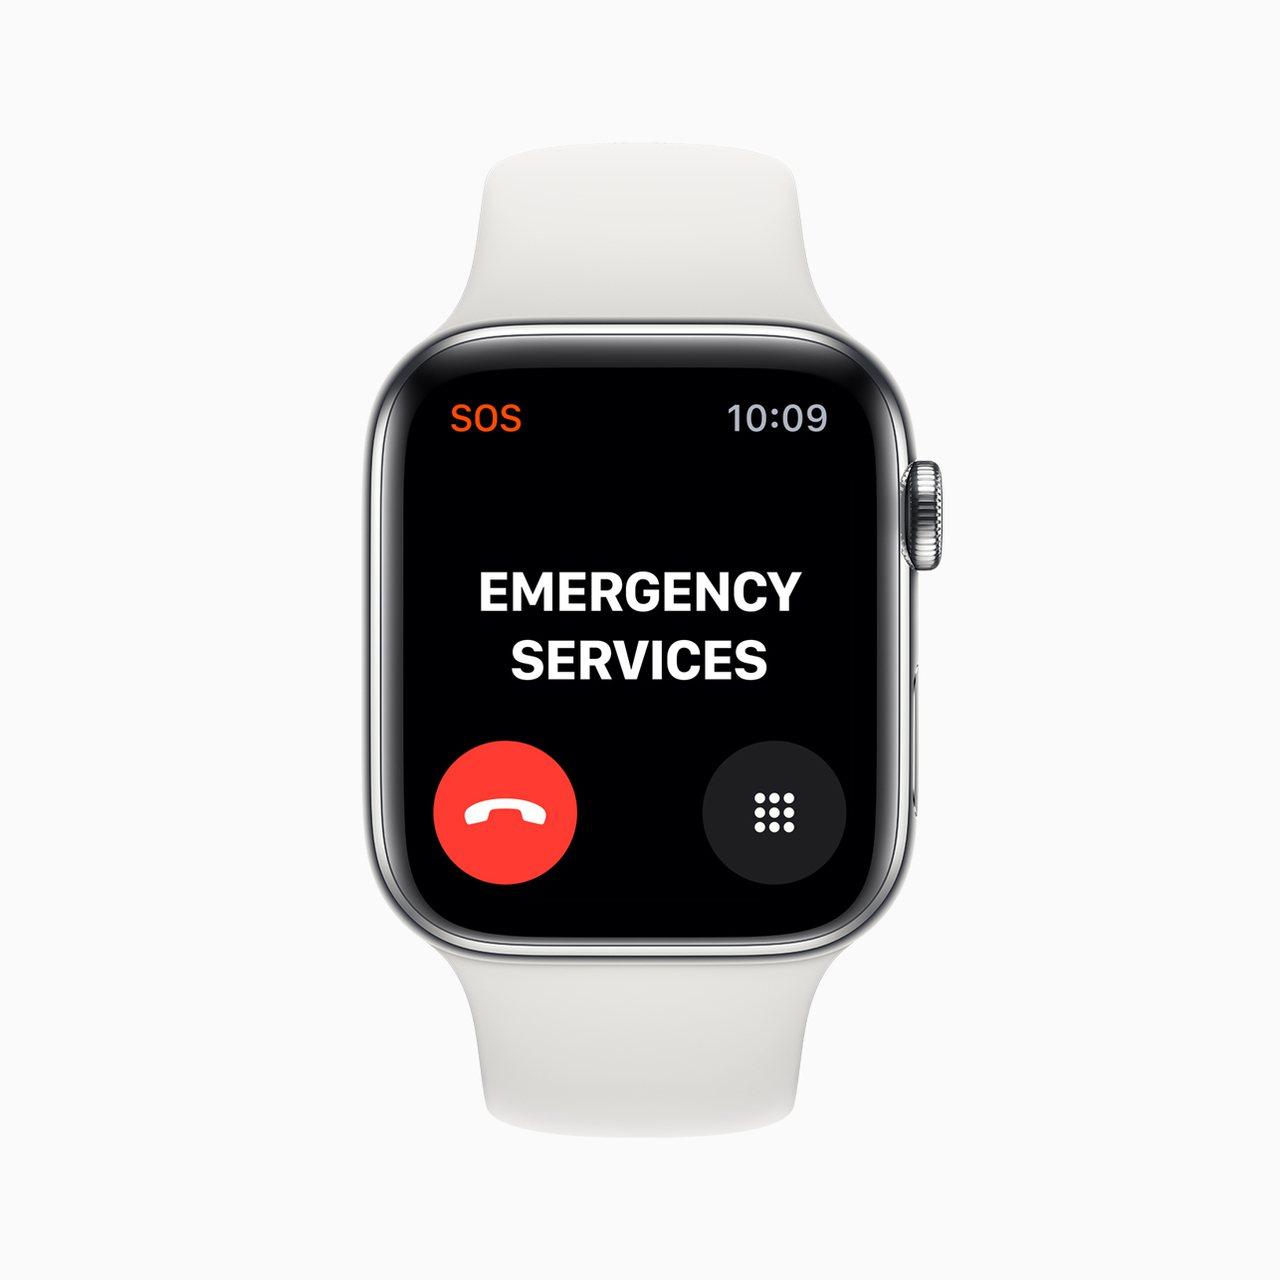 具有行動網路功能的Apple Watch Series 5,危急時刻可在超過15...